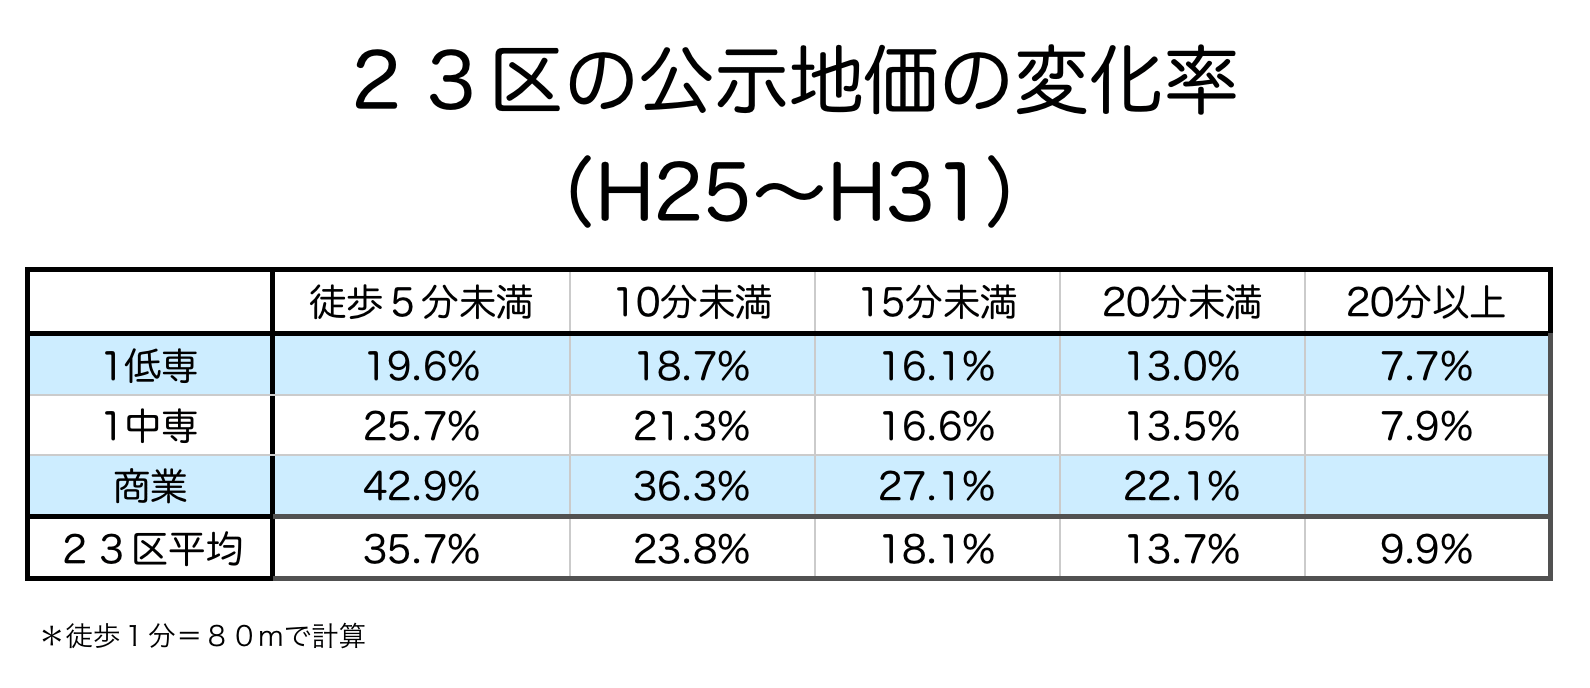 東京23区の公示地価変化率(駅距離)